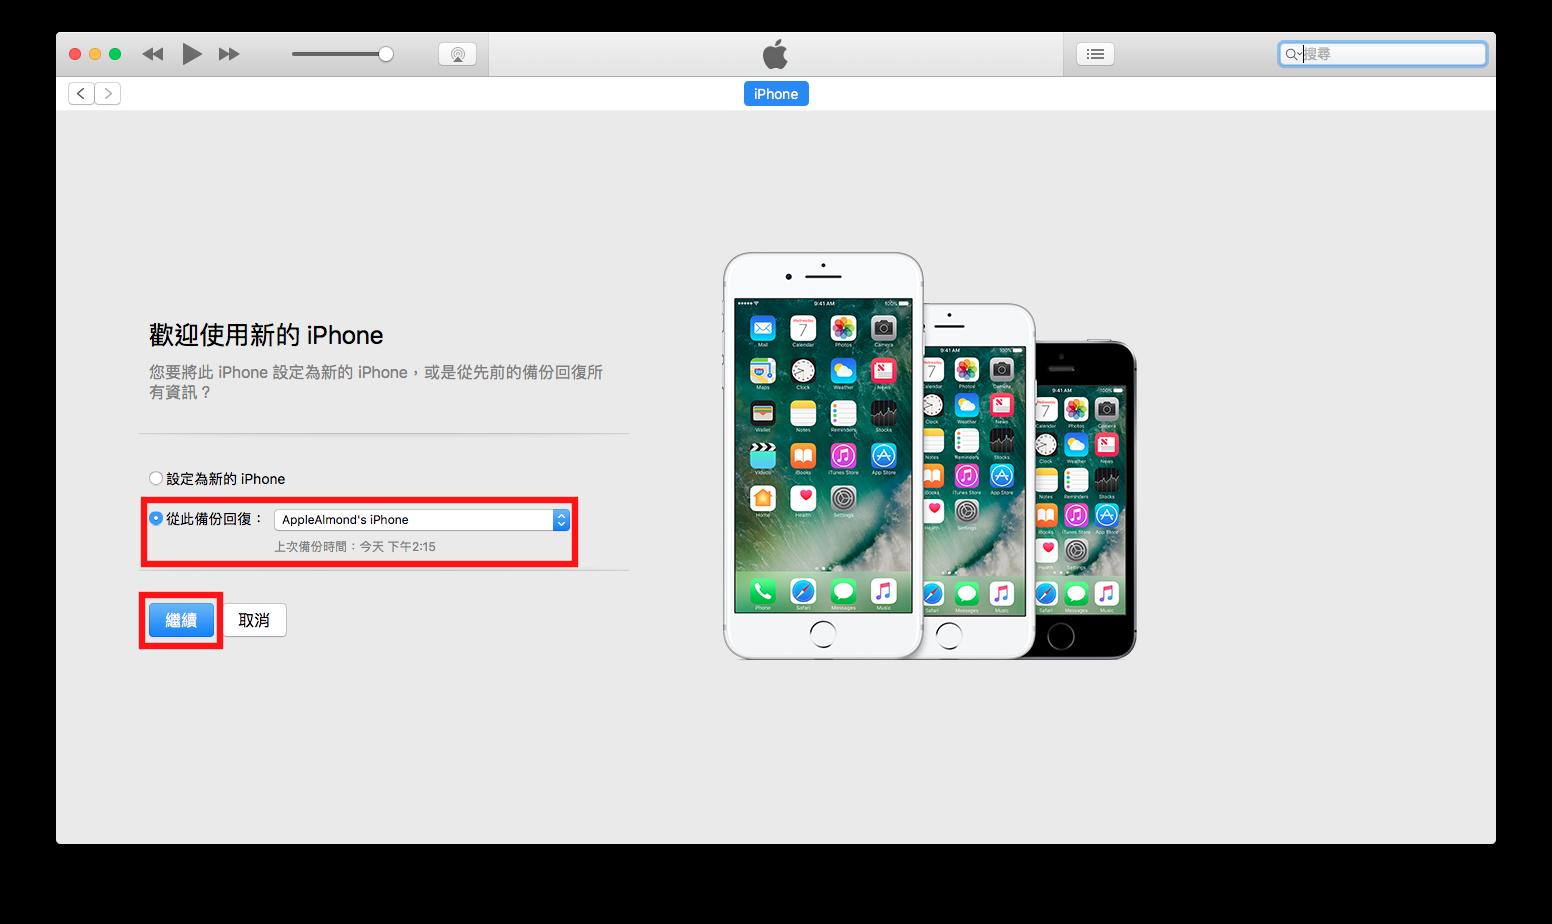 回復到新的iPhone